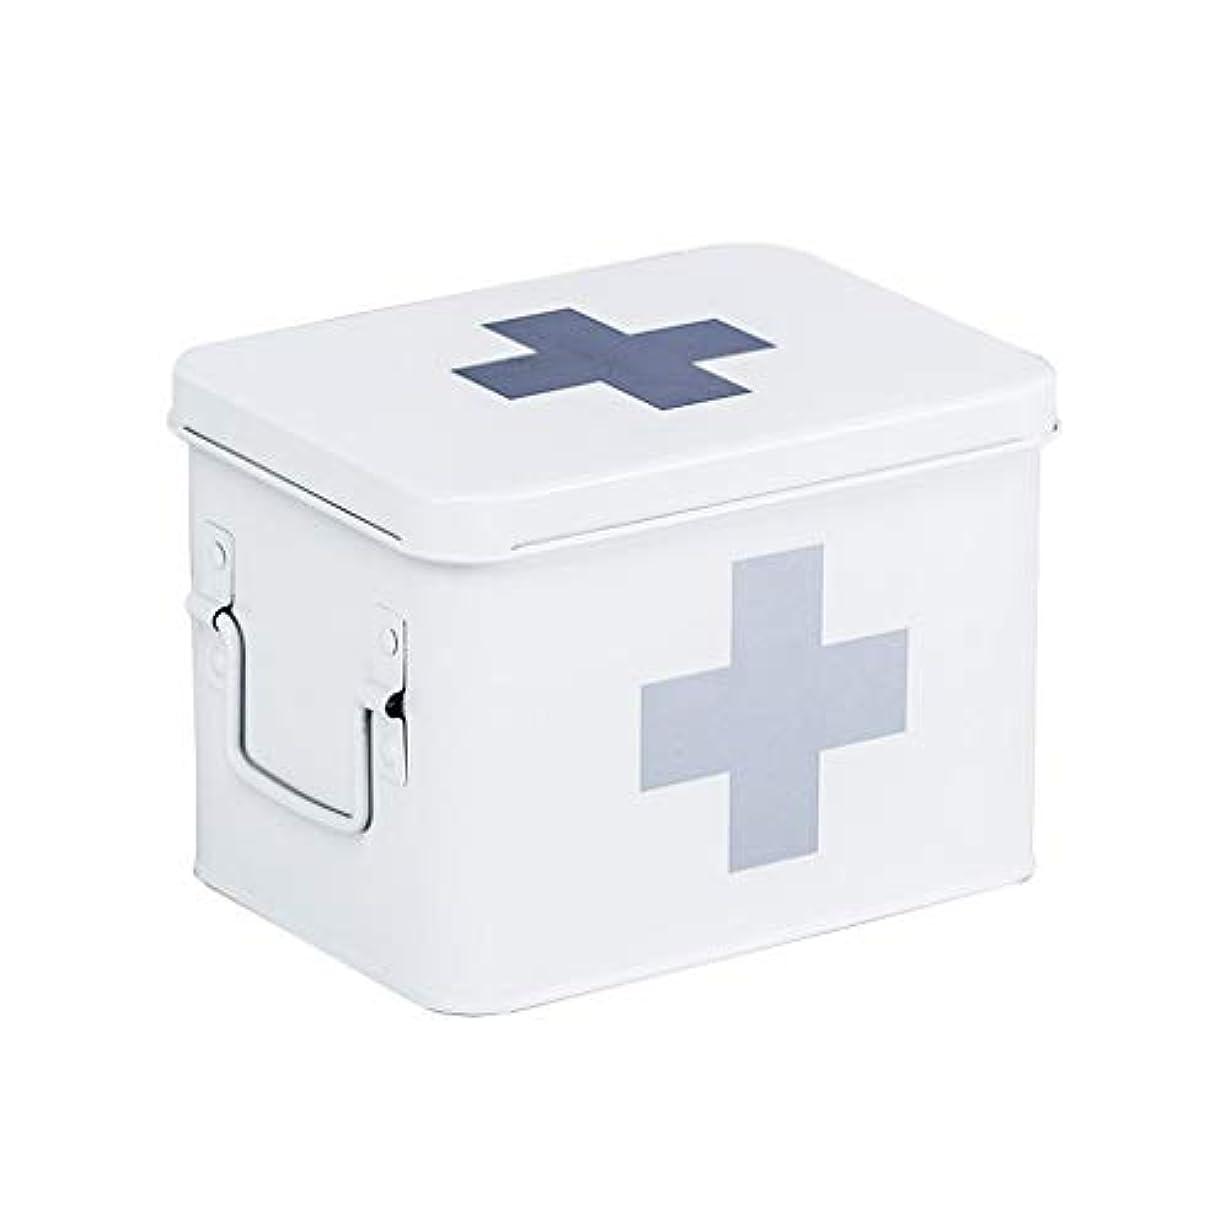 求める先見の明技術救急箱 薬箱の救急箱の薬の収納箱の家族の携帯用薬箱 Xuan - worth having (Color : White)